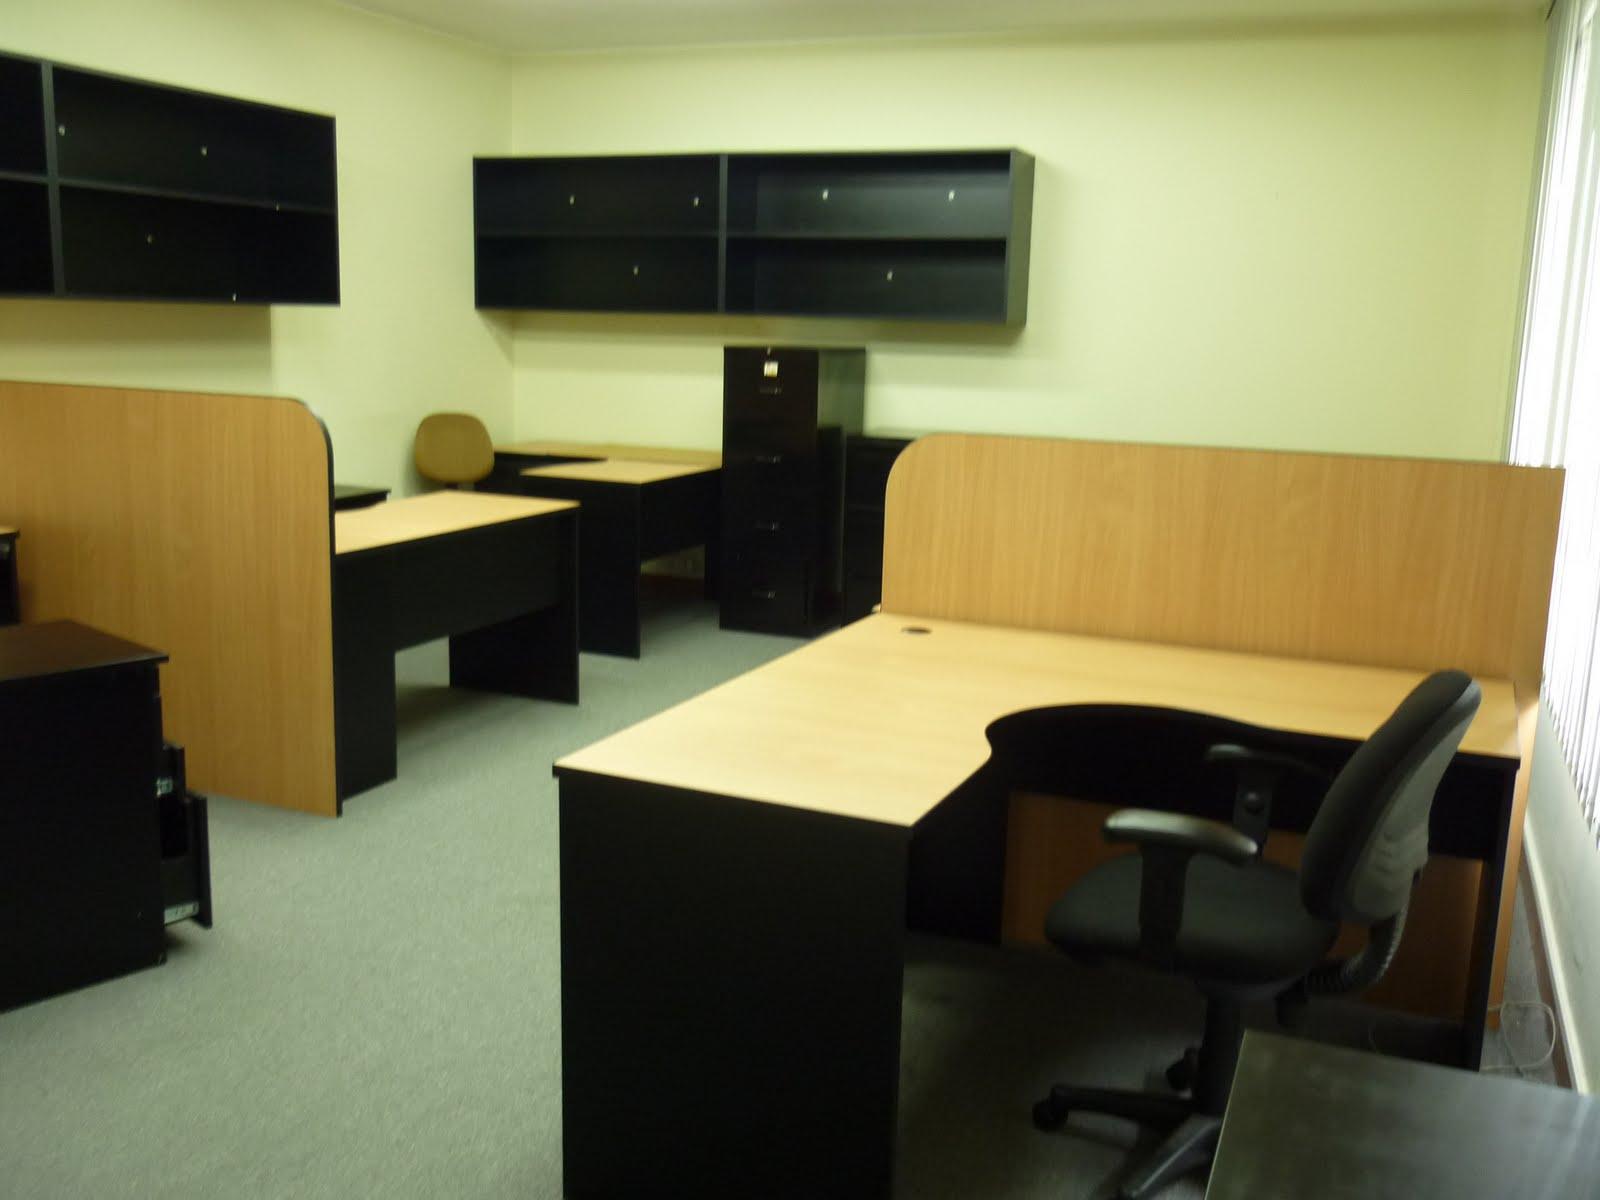 Remate de equipos de aire acondicionado y mobiliario for Mobiliario y equipo